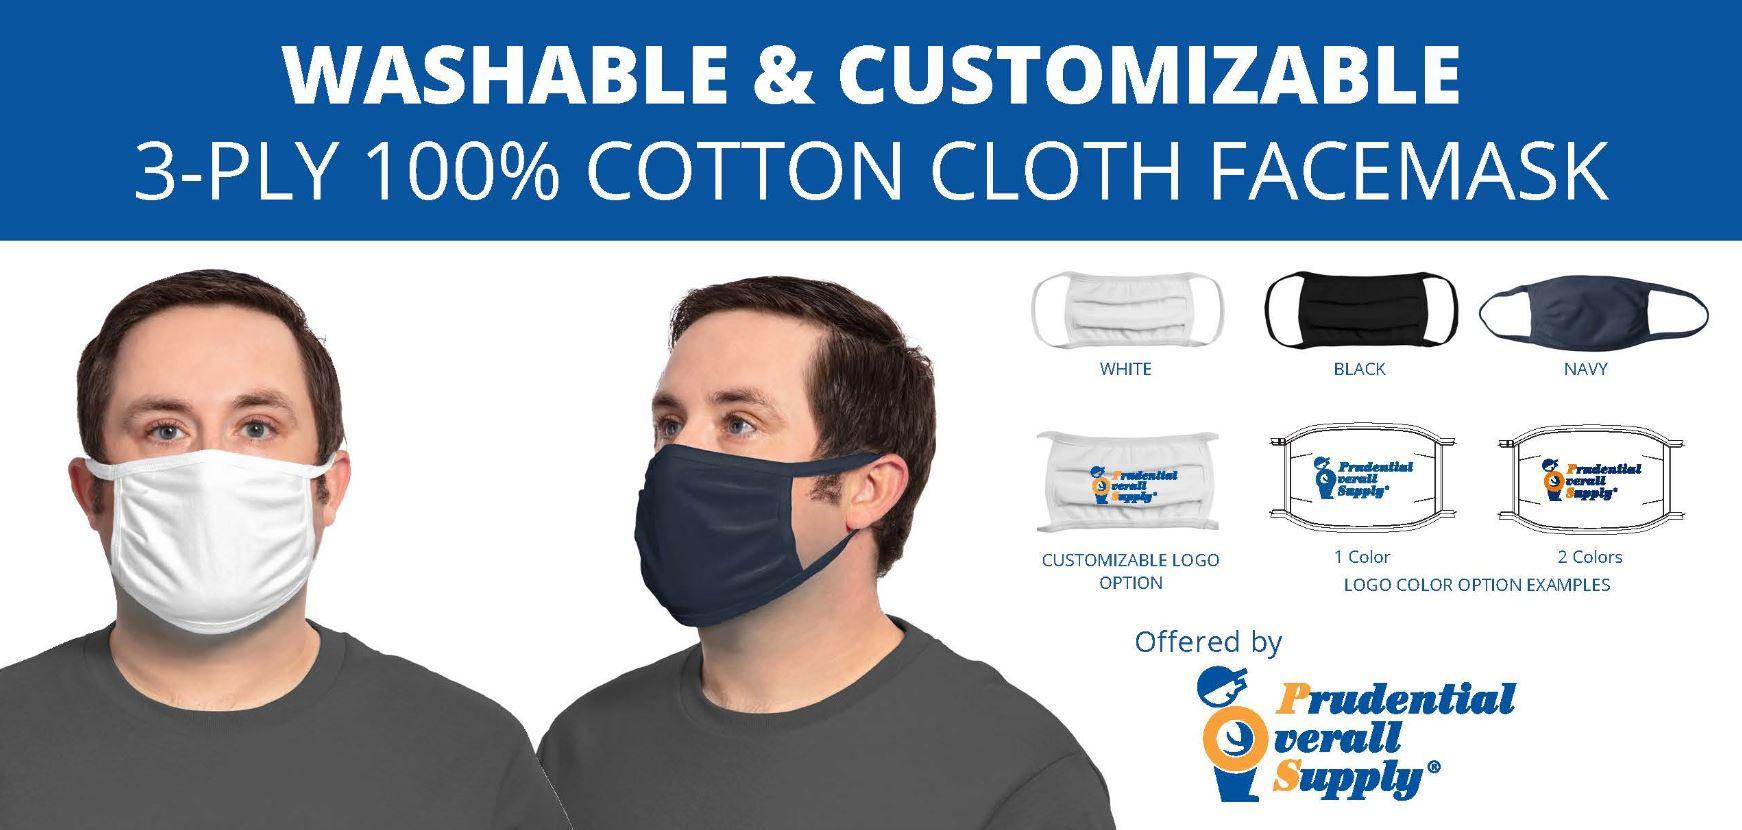 CottonFacemaskbannerheader.JPG